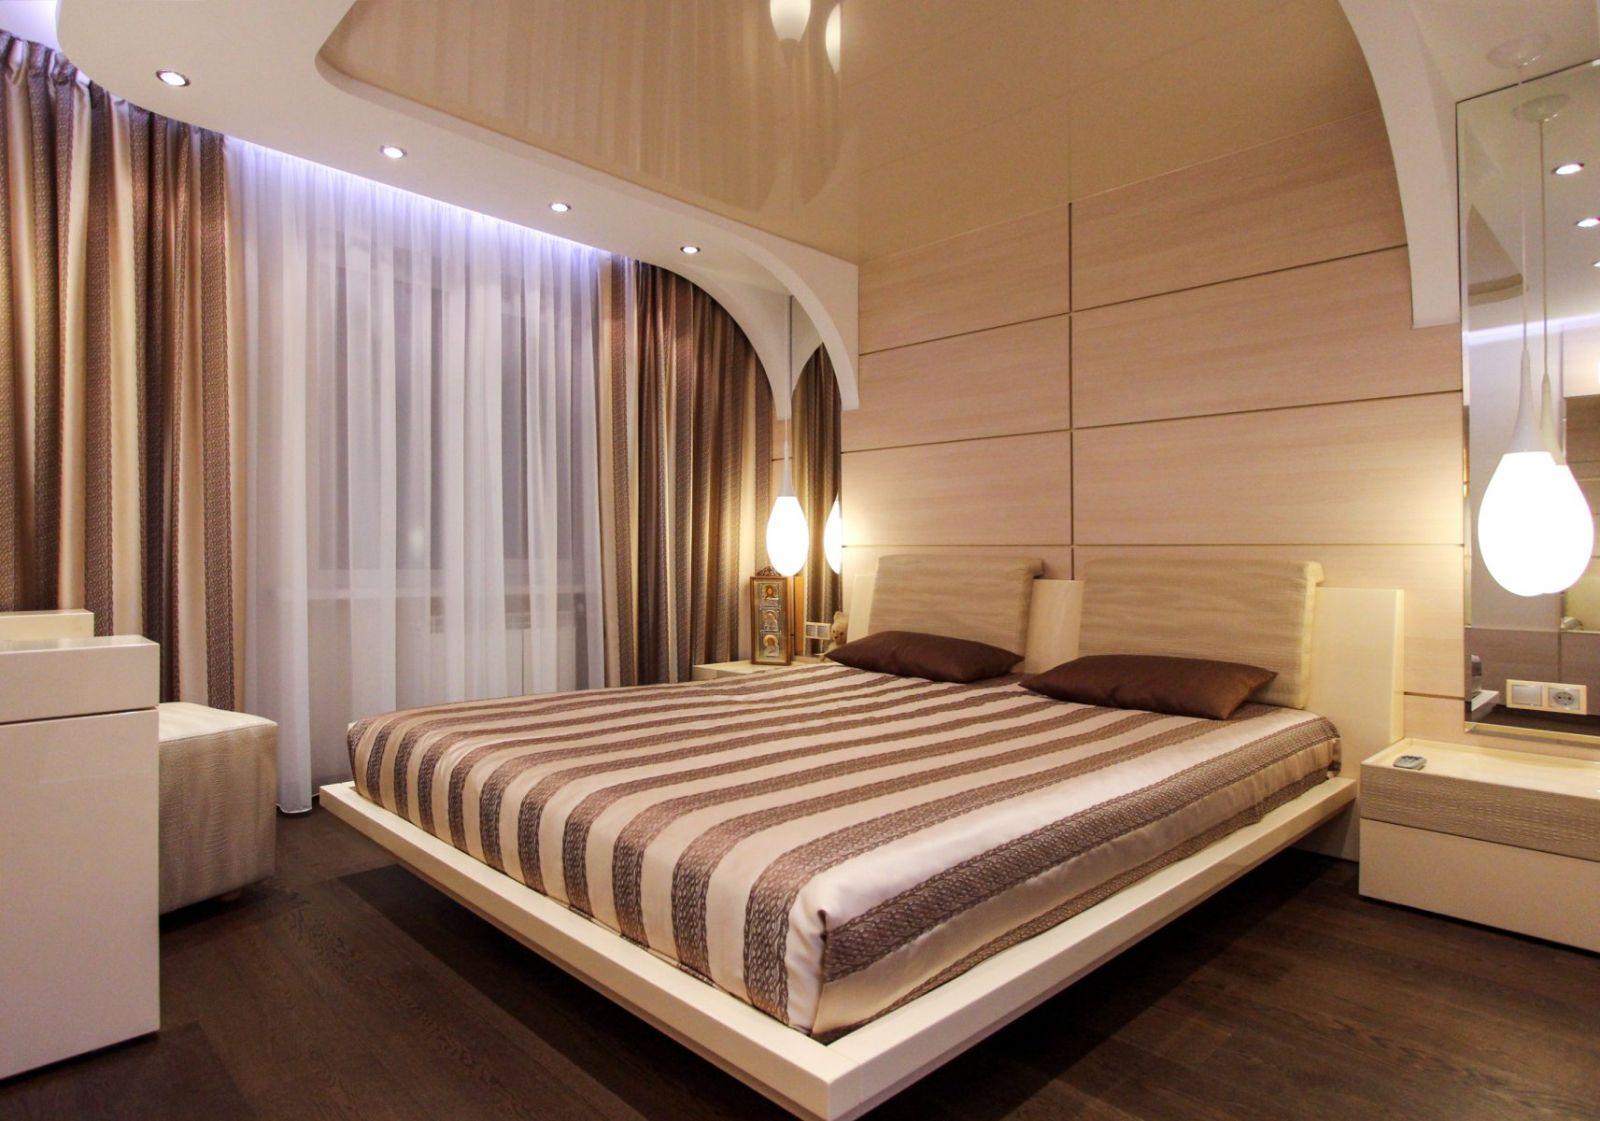 Дизайн натяжных потолков в спальне фотогалерея вариант частичный